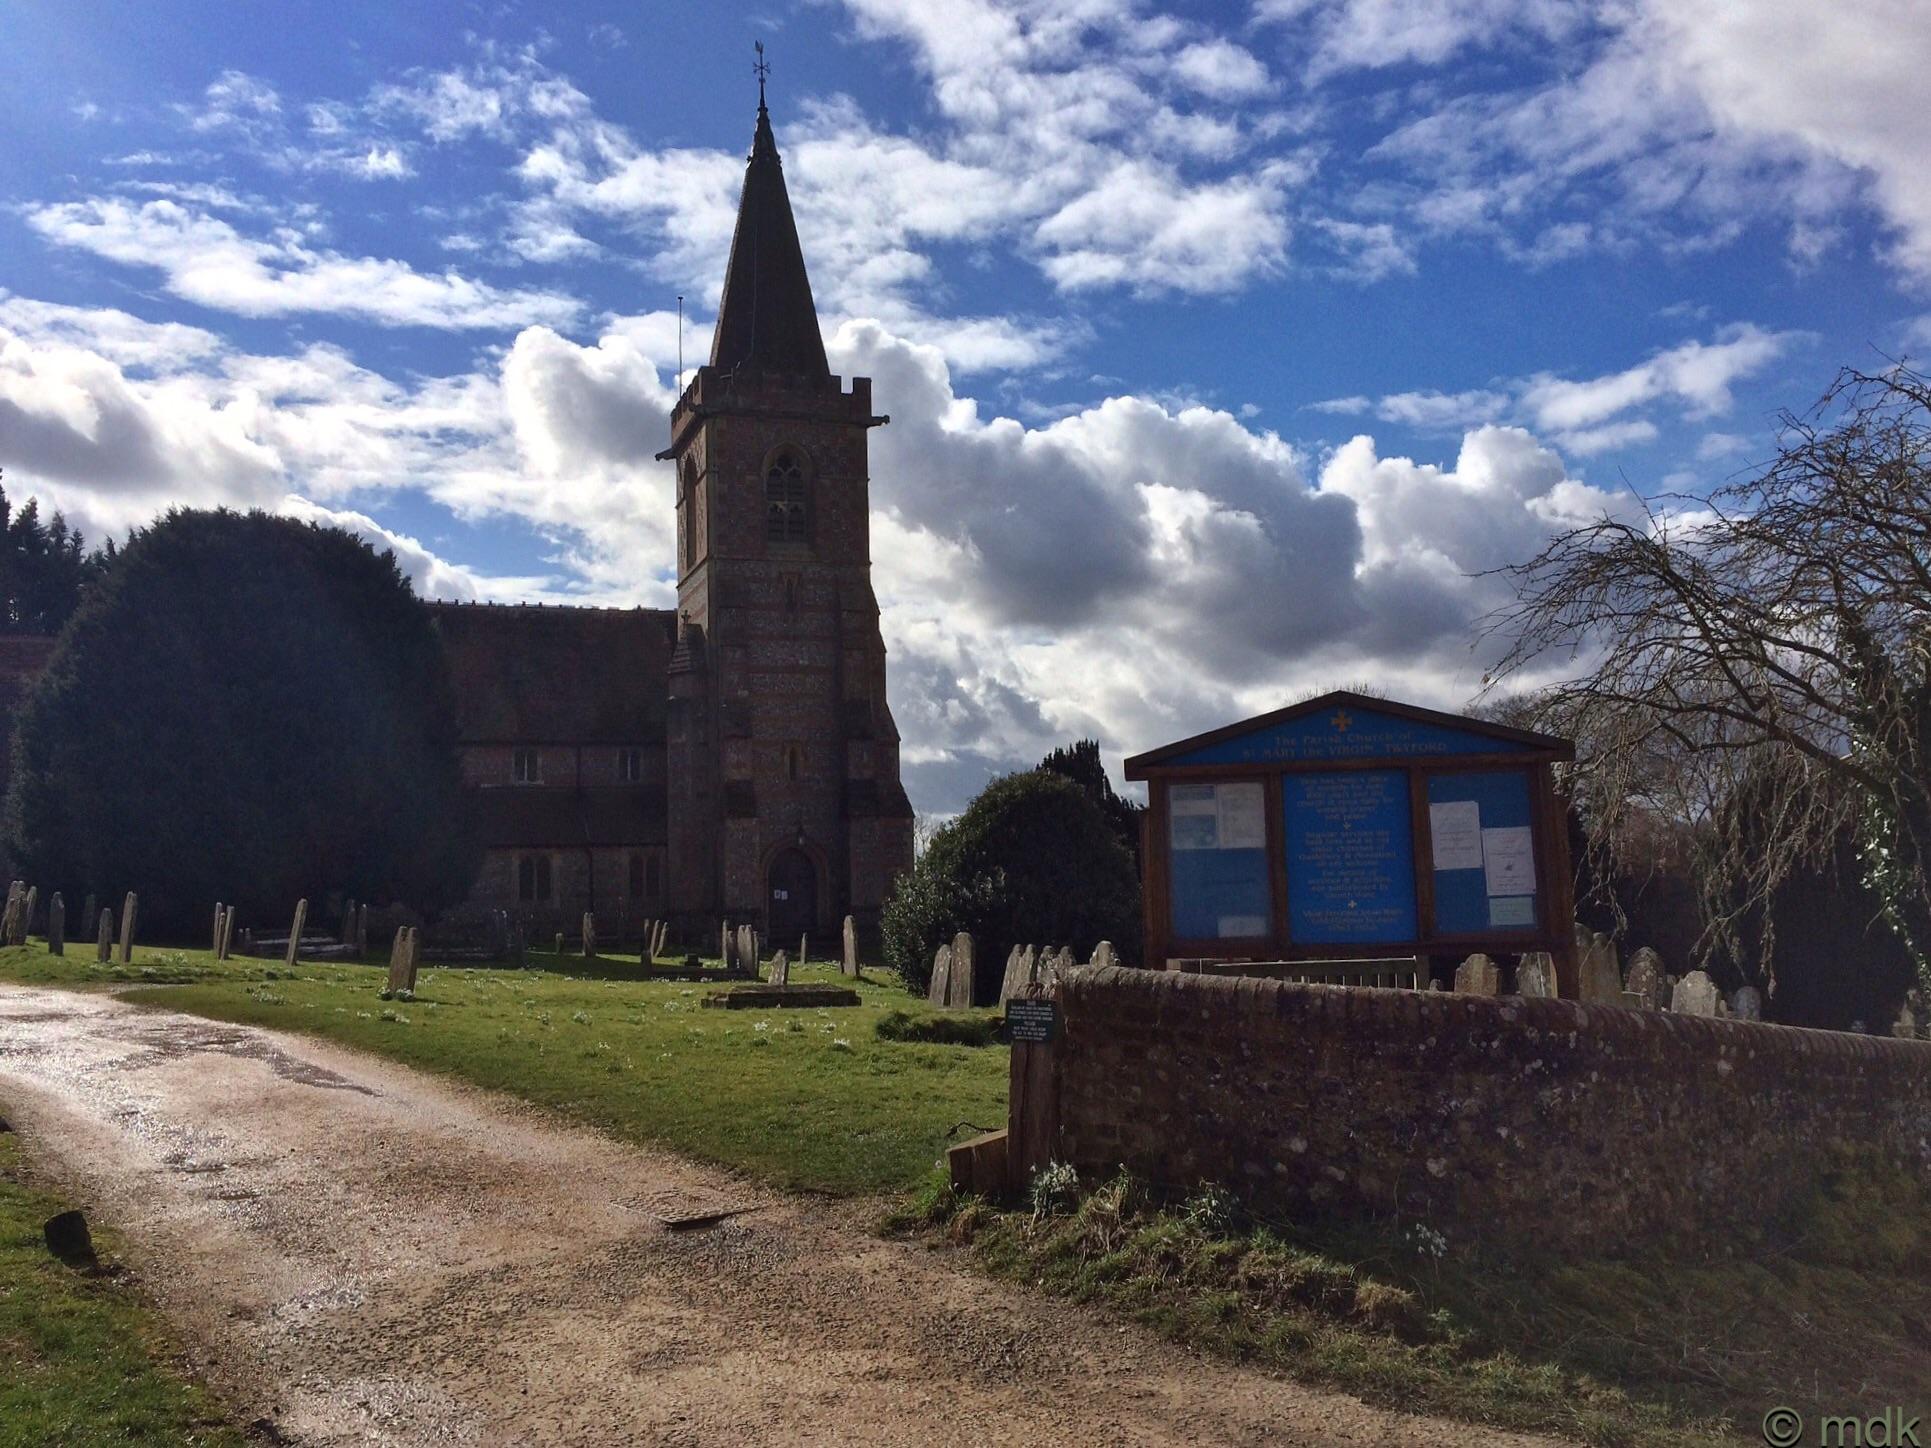 St Mary's Church, Twyford